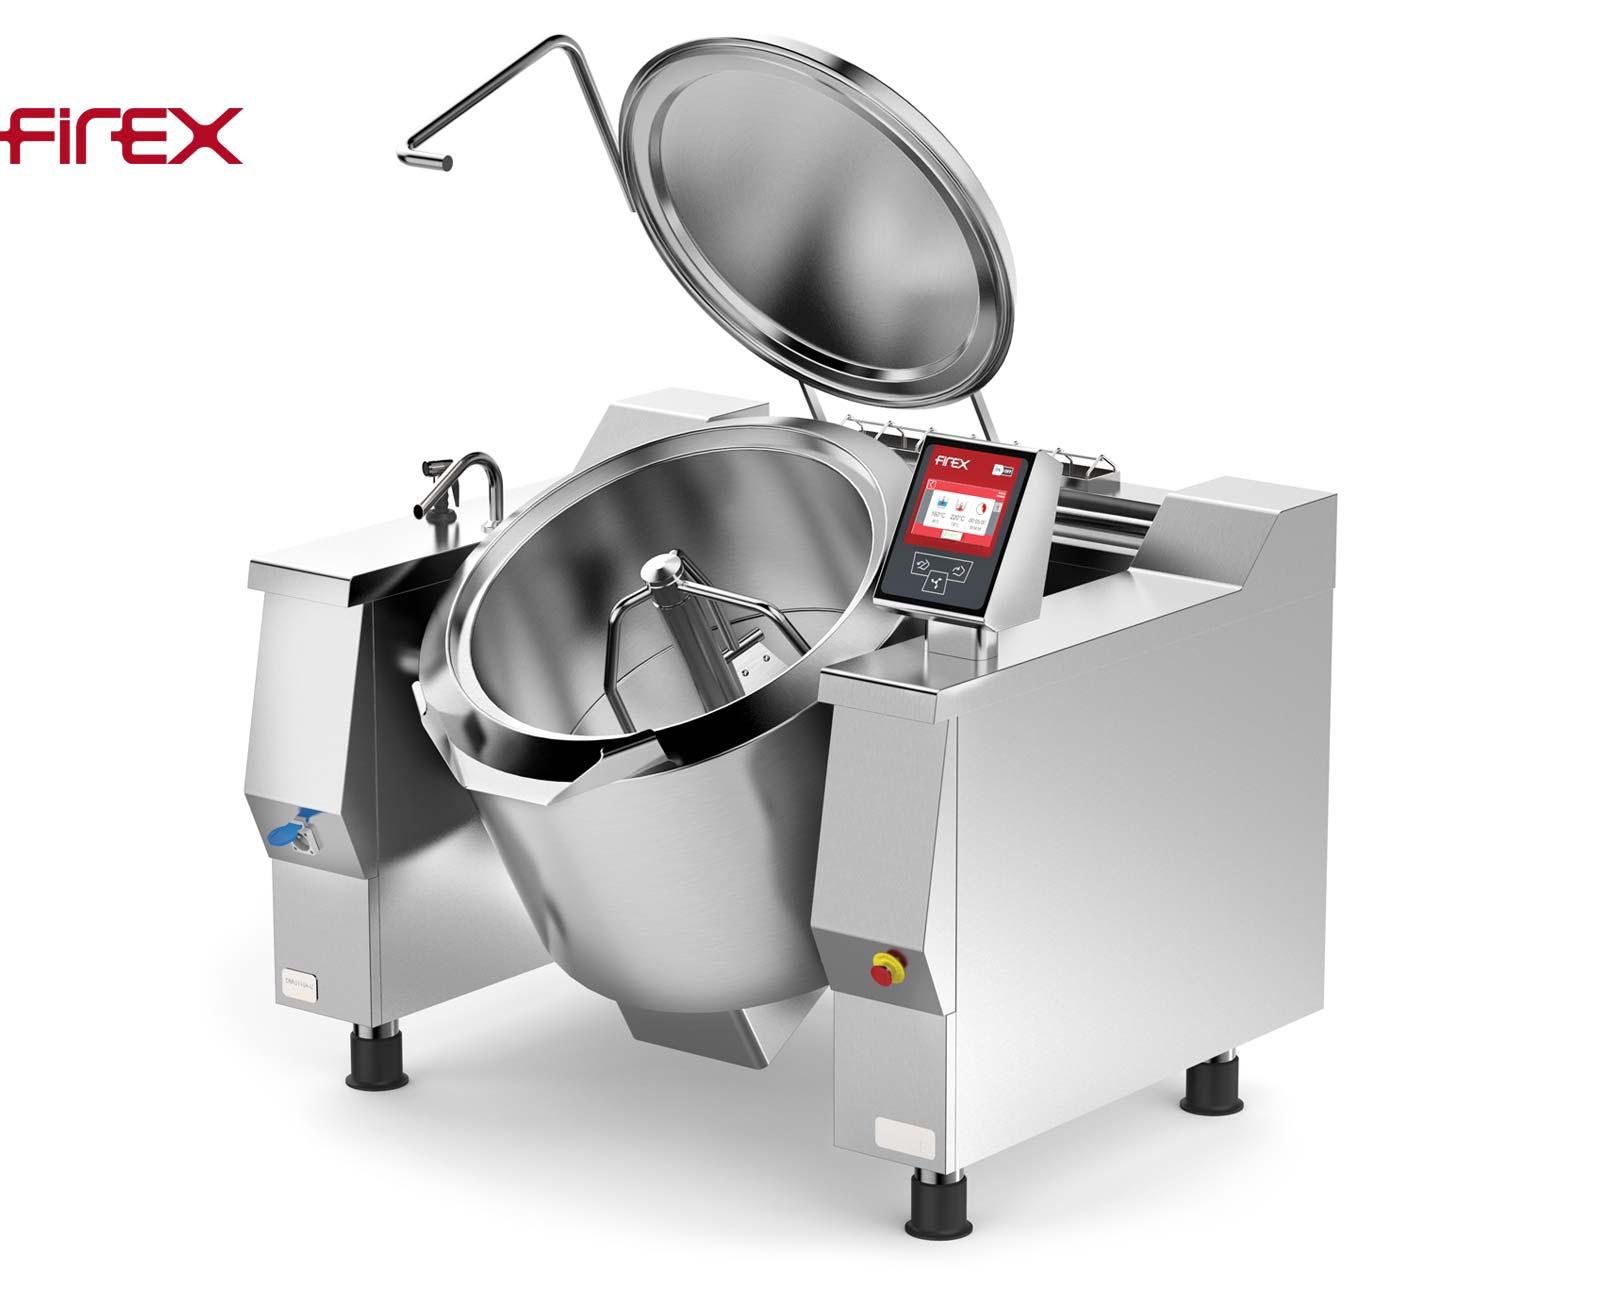 Firex Cucimix CBTE0180 V1 180 Liter Bratpfannen-Kochkessel-Kombination mit Rührwerk